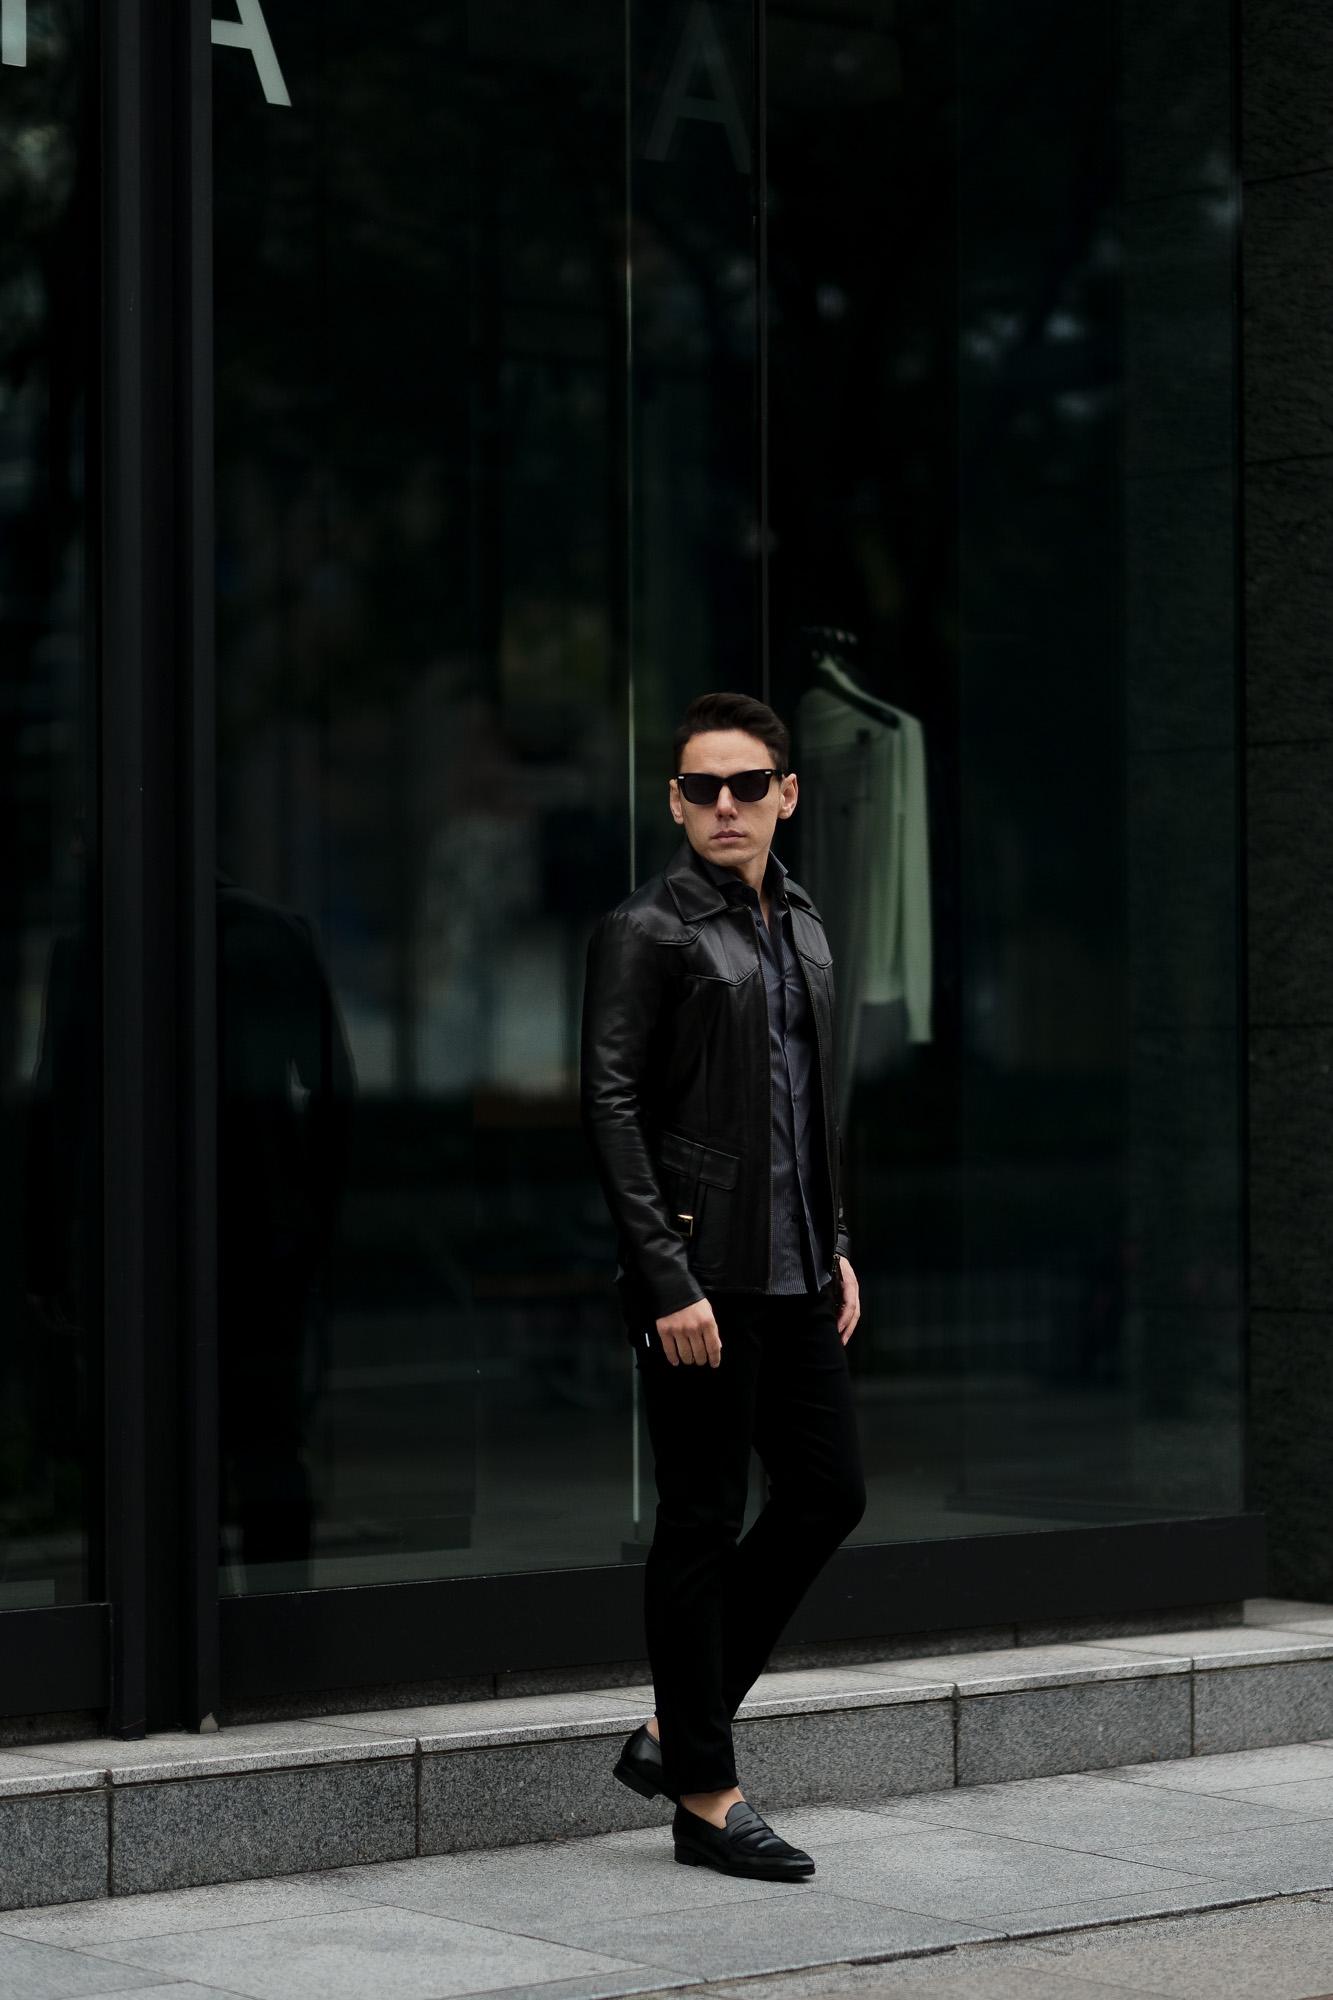 cuervo bopoha (クエルボ ヴァローナ) Satisfaction Leather Collection (サティスファクション レザー コレクション) East West(イーストウエスト)  SMOKE(スモーク) BUFFALO LEATHER (バッファロー レザー) レザージャケット BLACK(ブラック) MADE IN JAPAN (日本製) 2021 春夏新作 愛知 名古屋 altoediritto アルトエデリット レザージャケット サウスパラディソ eastwest